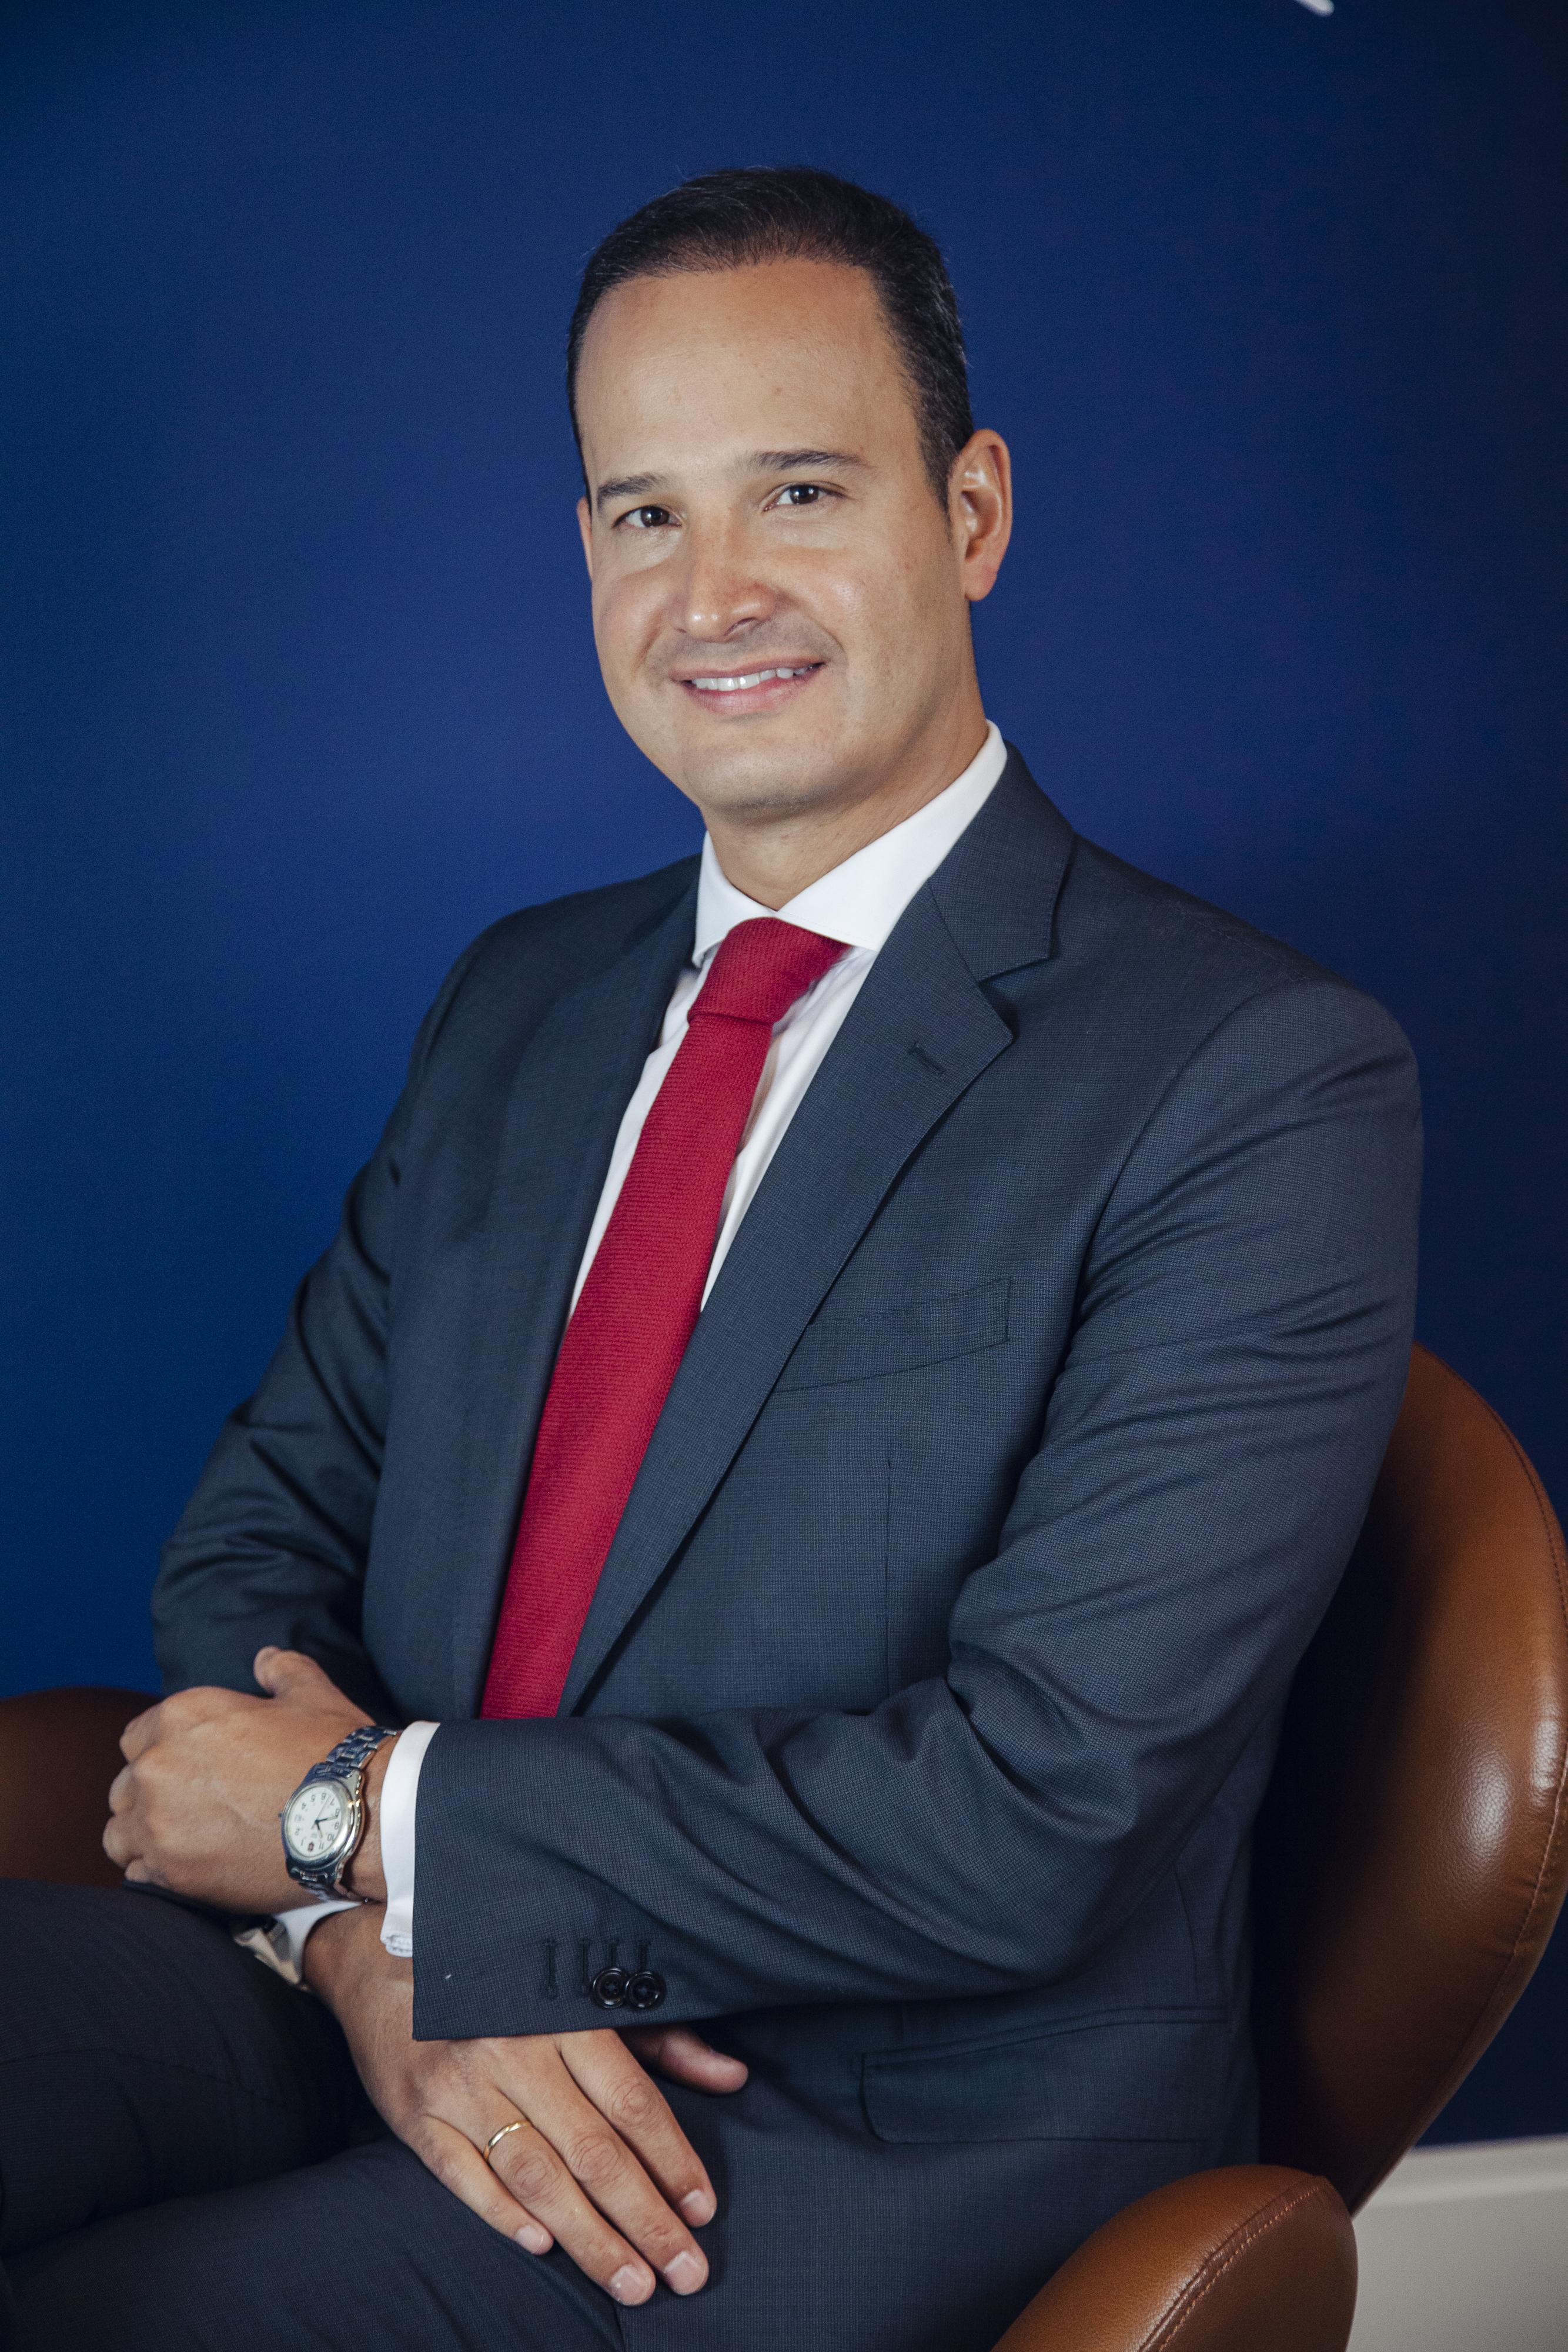 Daniel Arbeloa